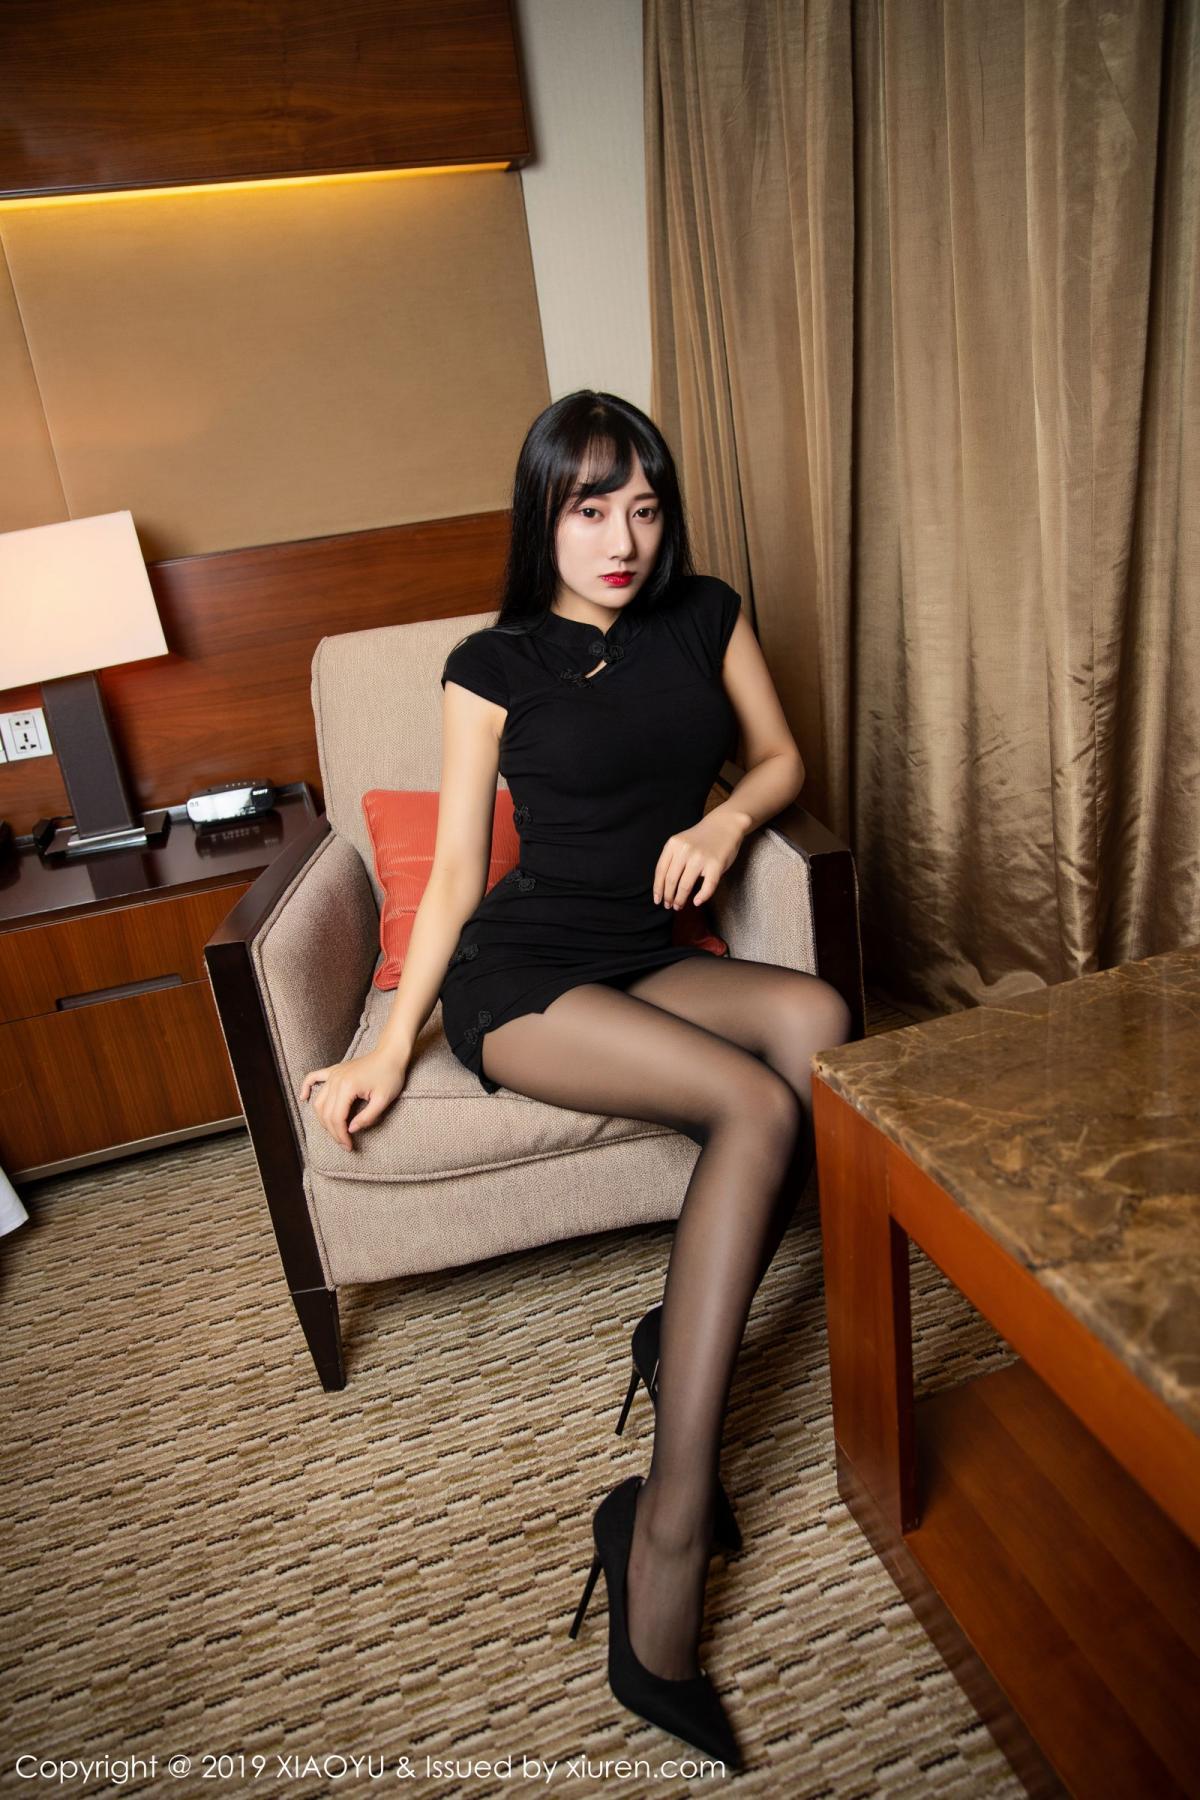 [XiaoYu] Vol.145 He Jia Ying 9P, Black Silk, He Jia Ying, Underwear, XiaoYu